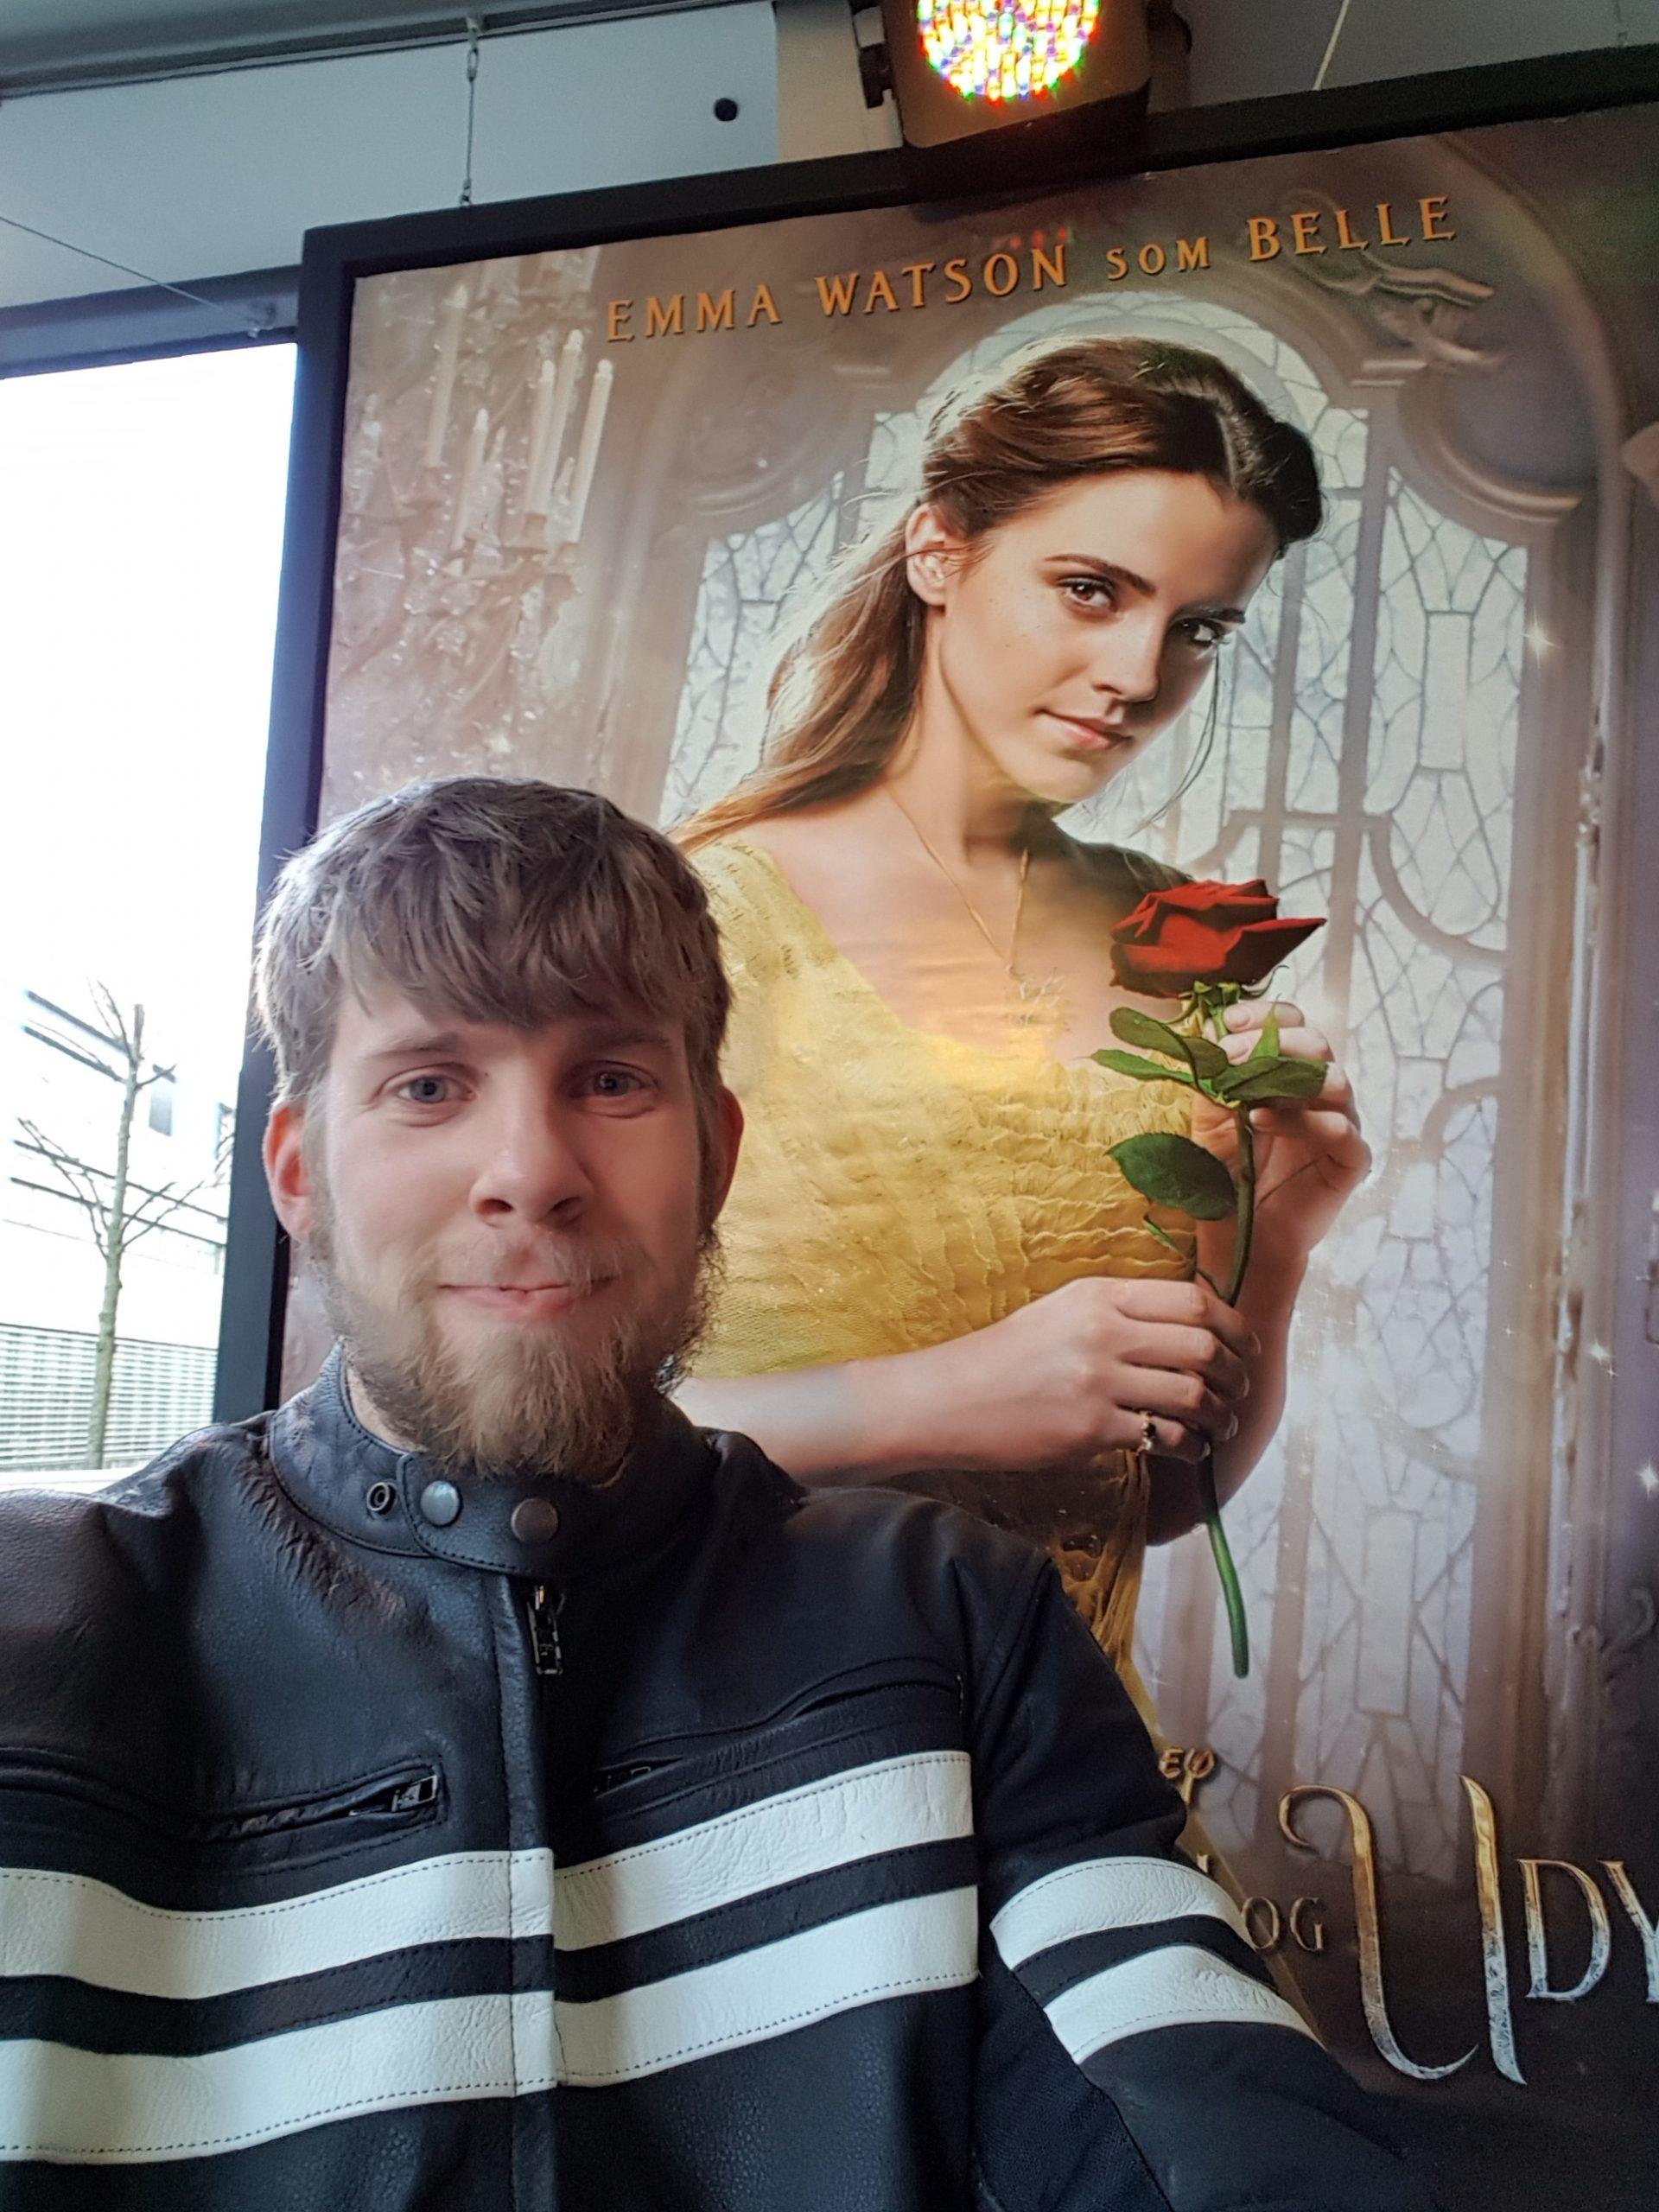 Her kan du høre Magnus' portræt af sit store idol Emma Watson.